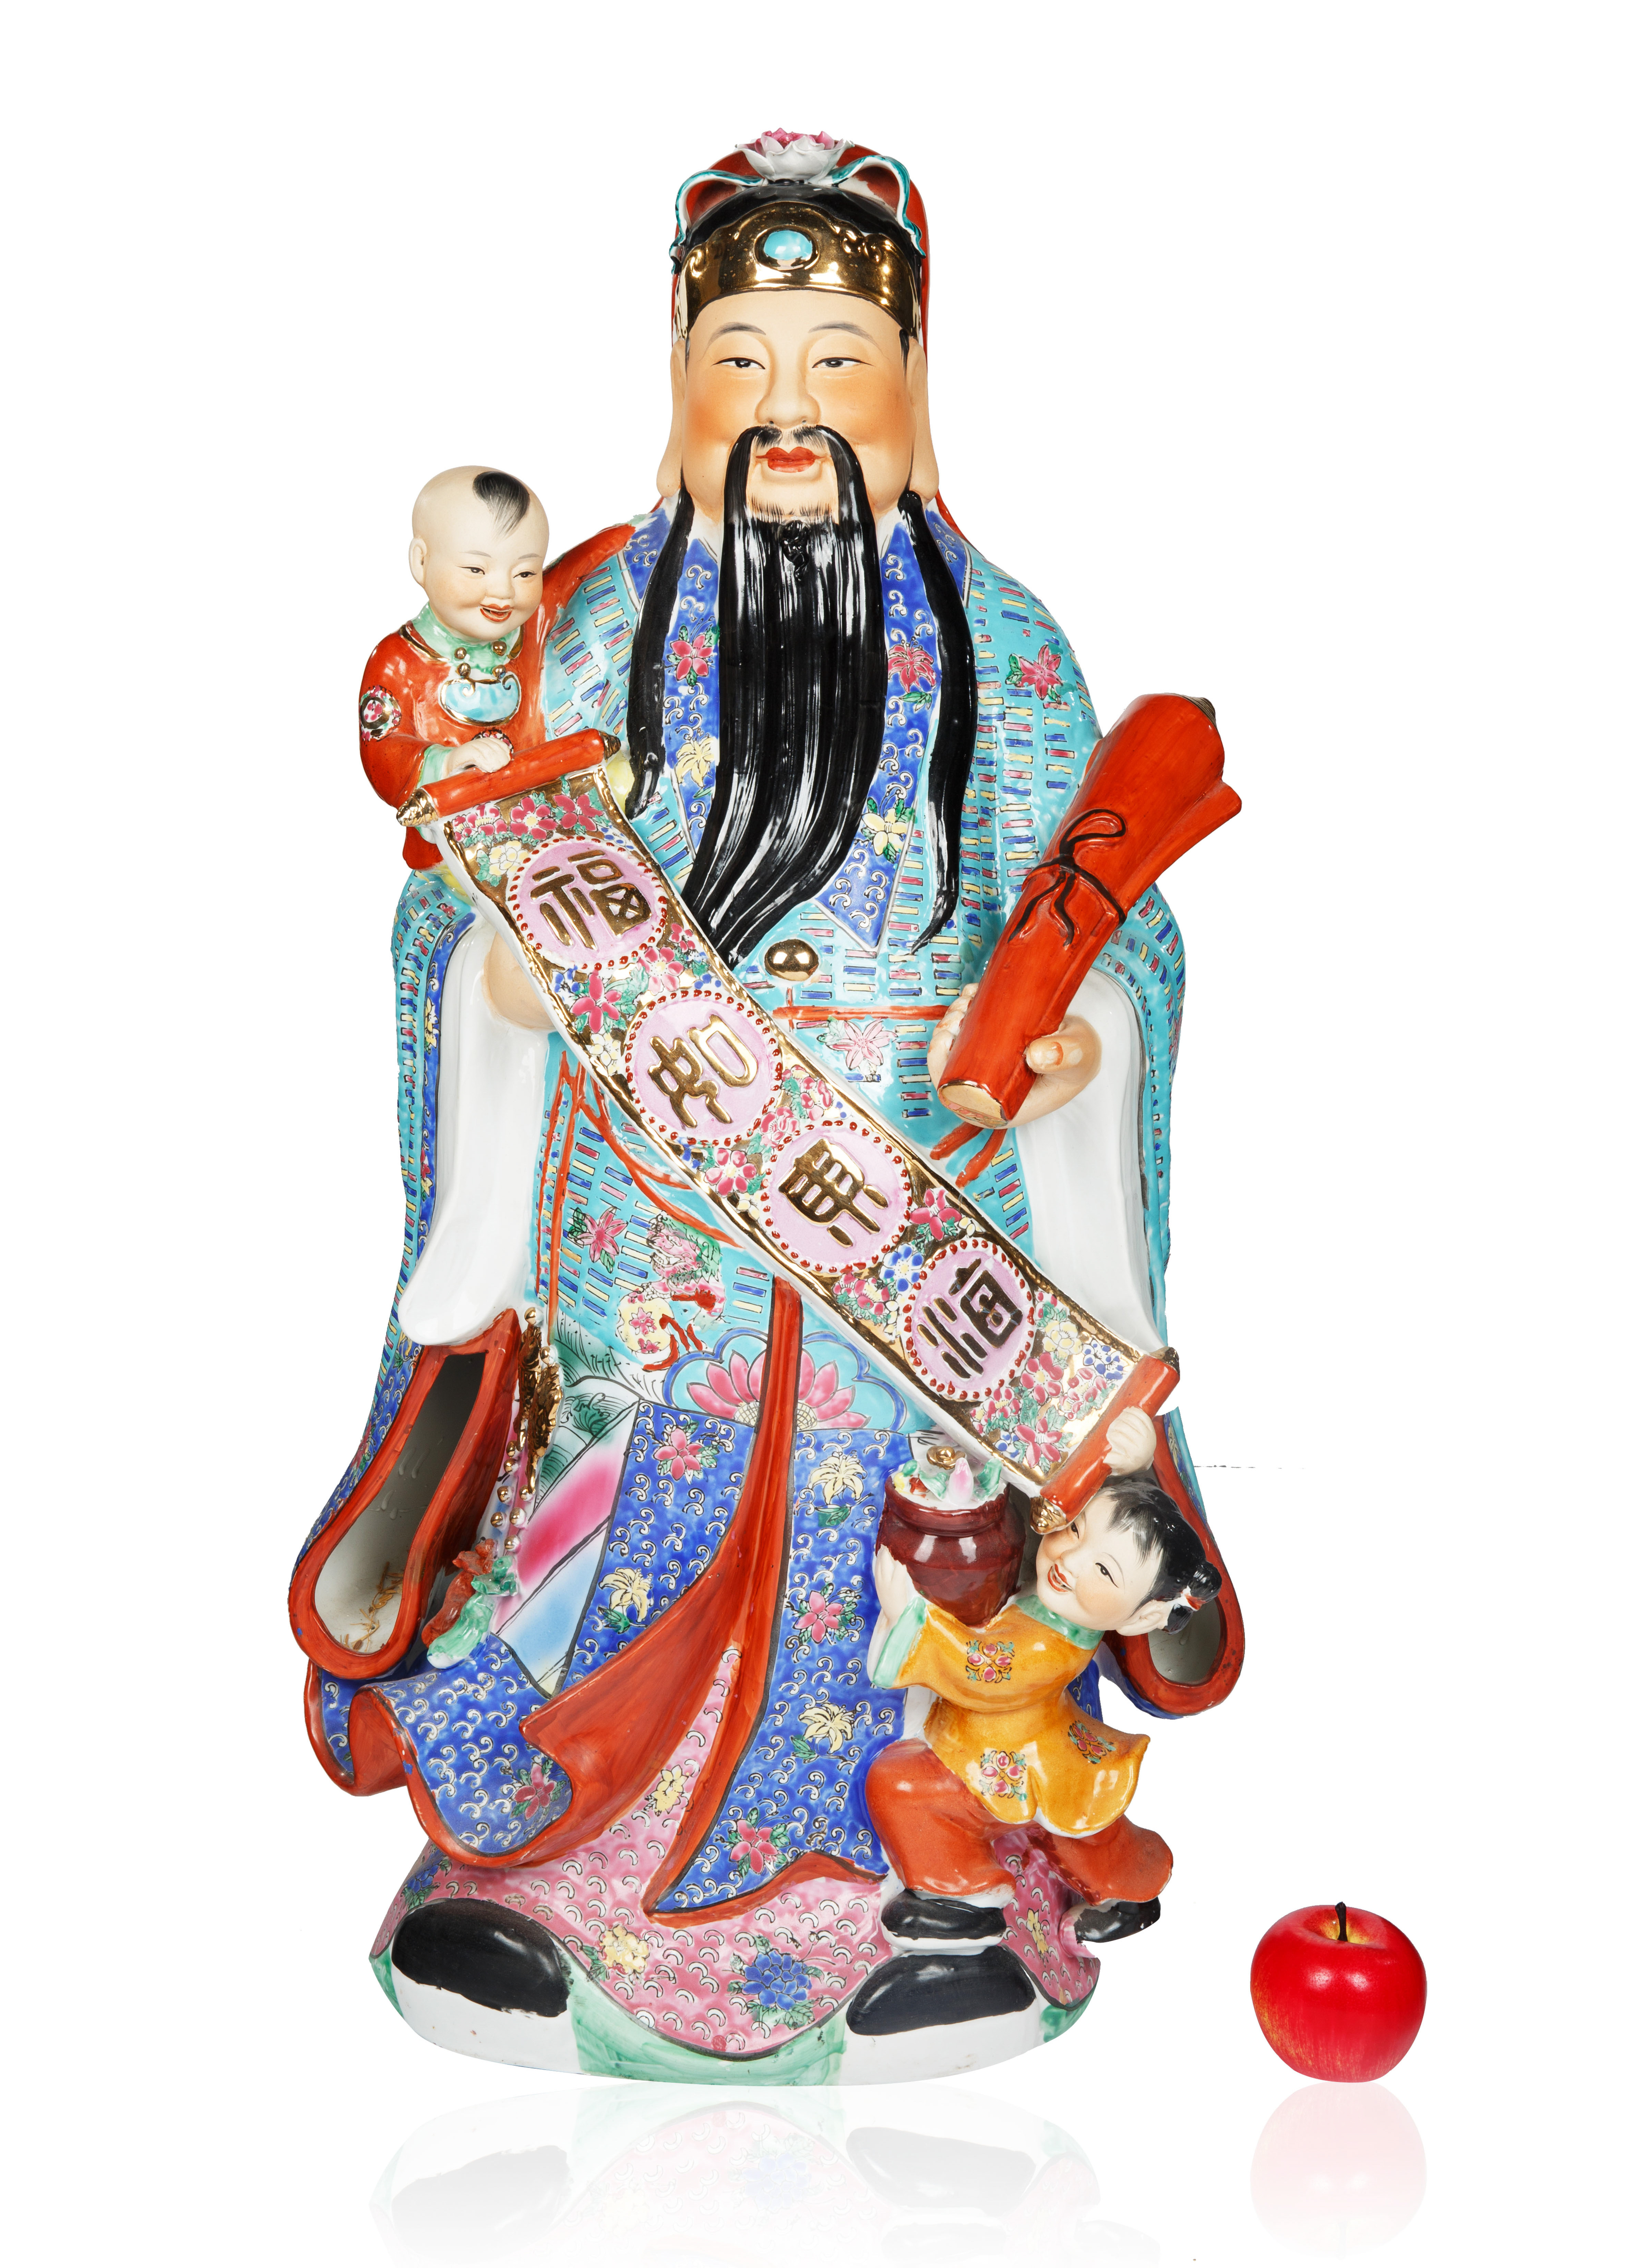 LARGE CHINESE PORCELAIN 'WISE MAN' OF PROSPERITY [FU] FIGURINE - Image 3 of 3